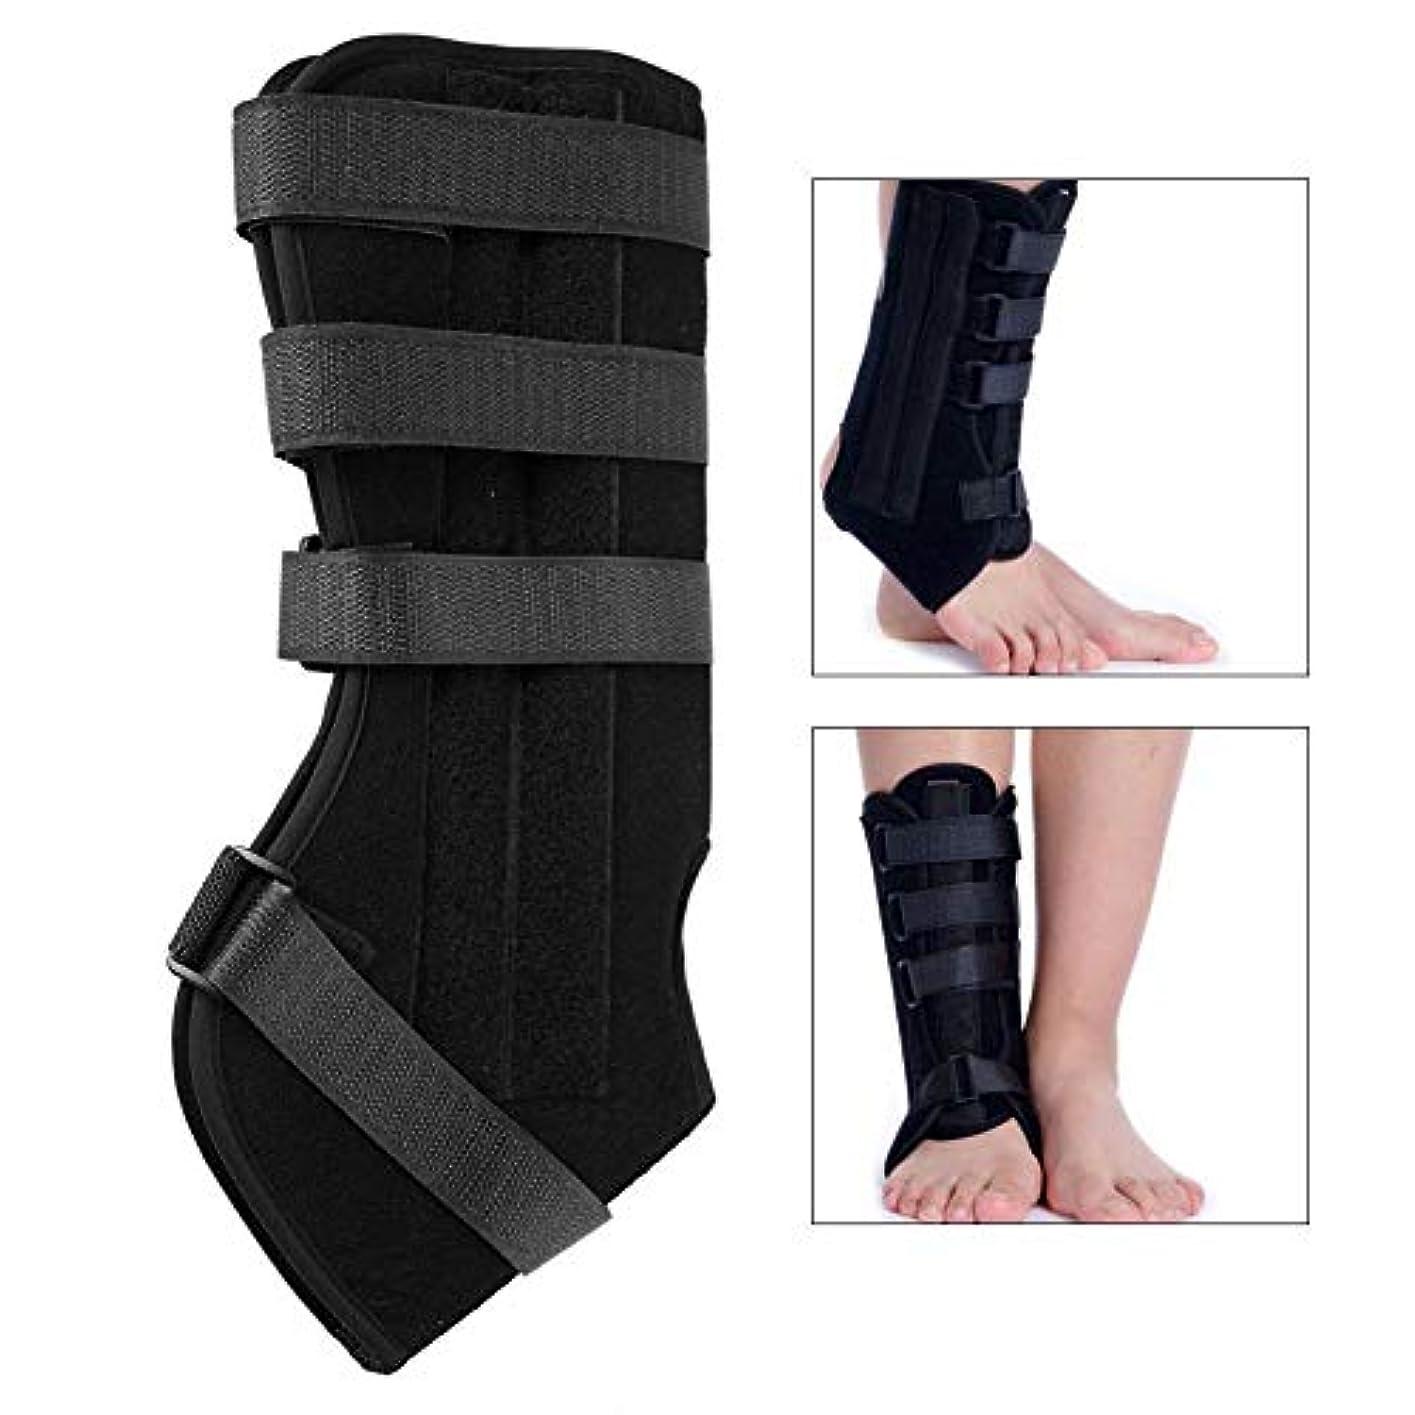 関連するハーフ下向き足首装具、足首関節外部固定骨折治療修正サポートツールブレースサポート腱矯正手術後,M